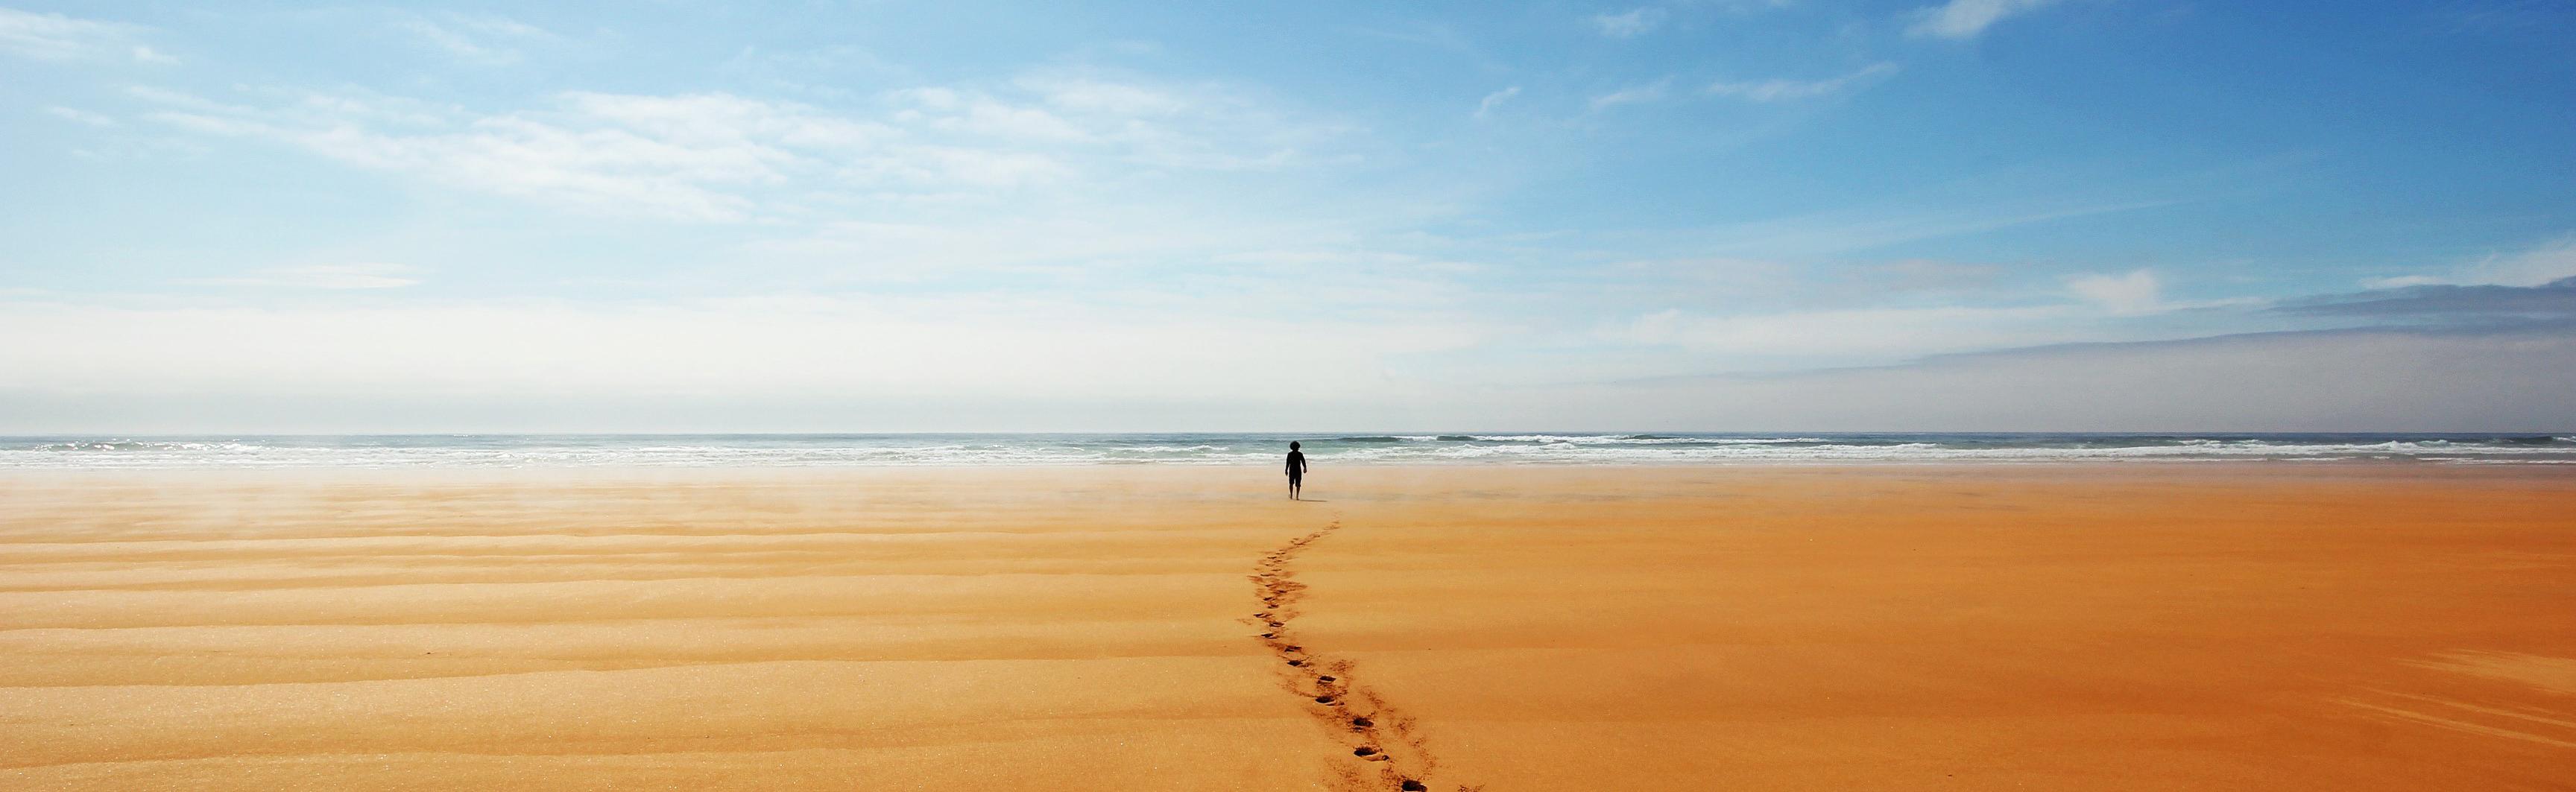 Walking on Icelandic Beach by Steve Tornes